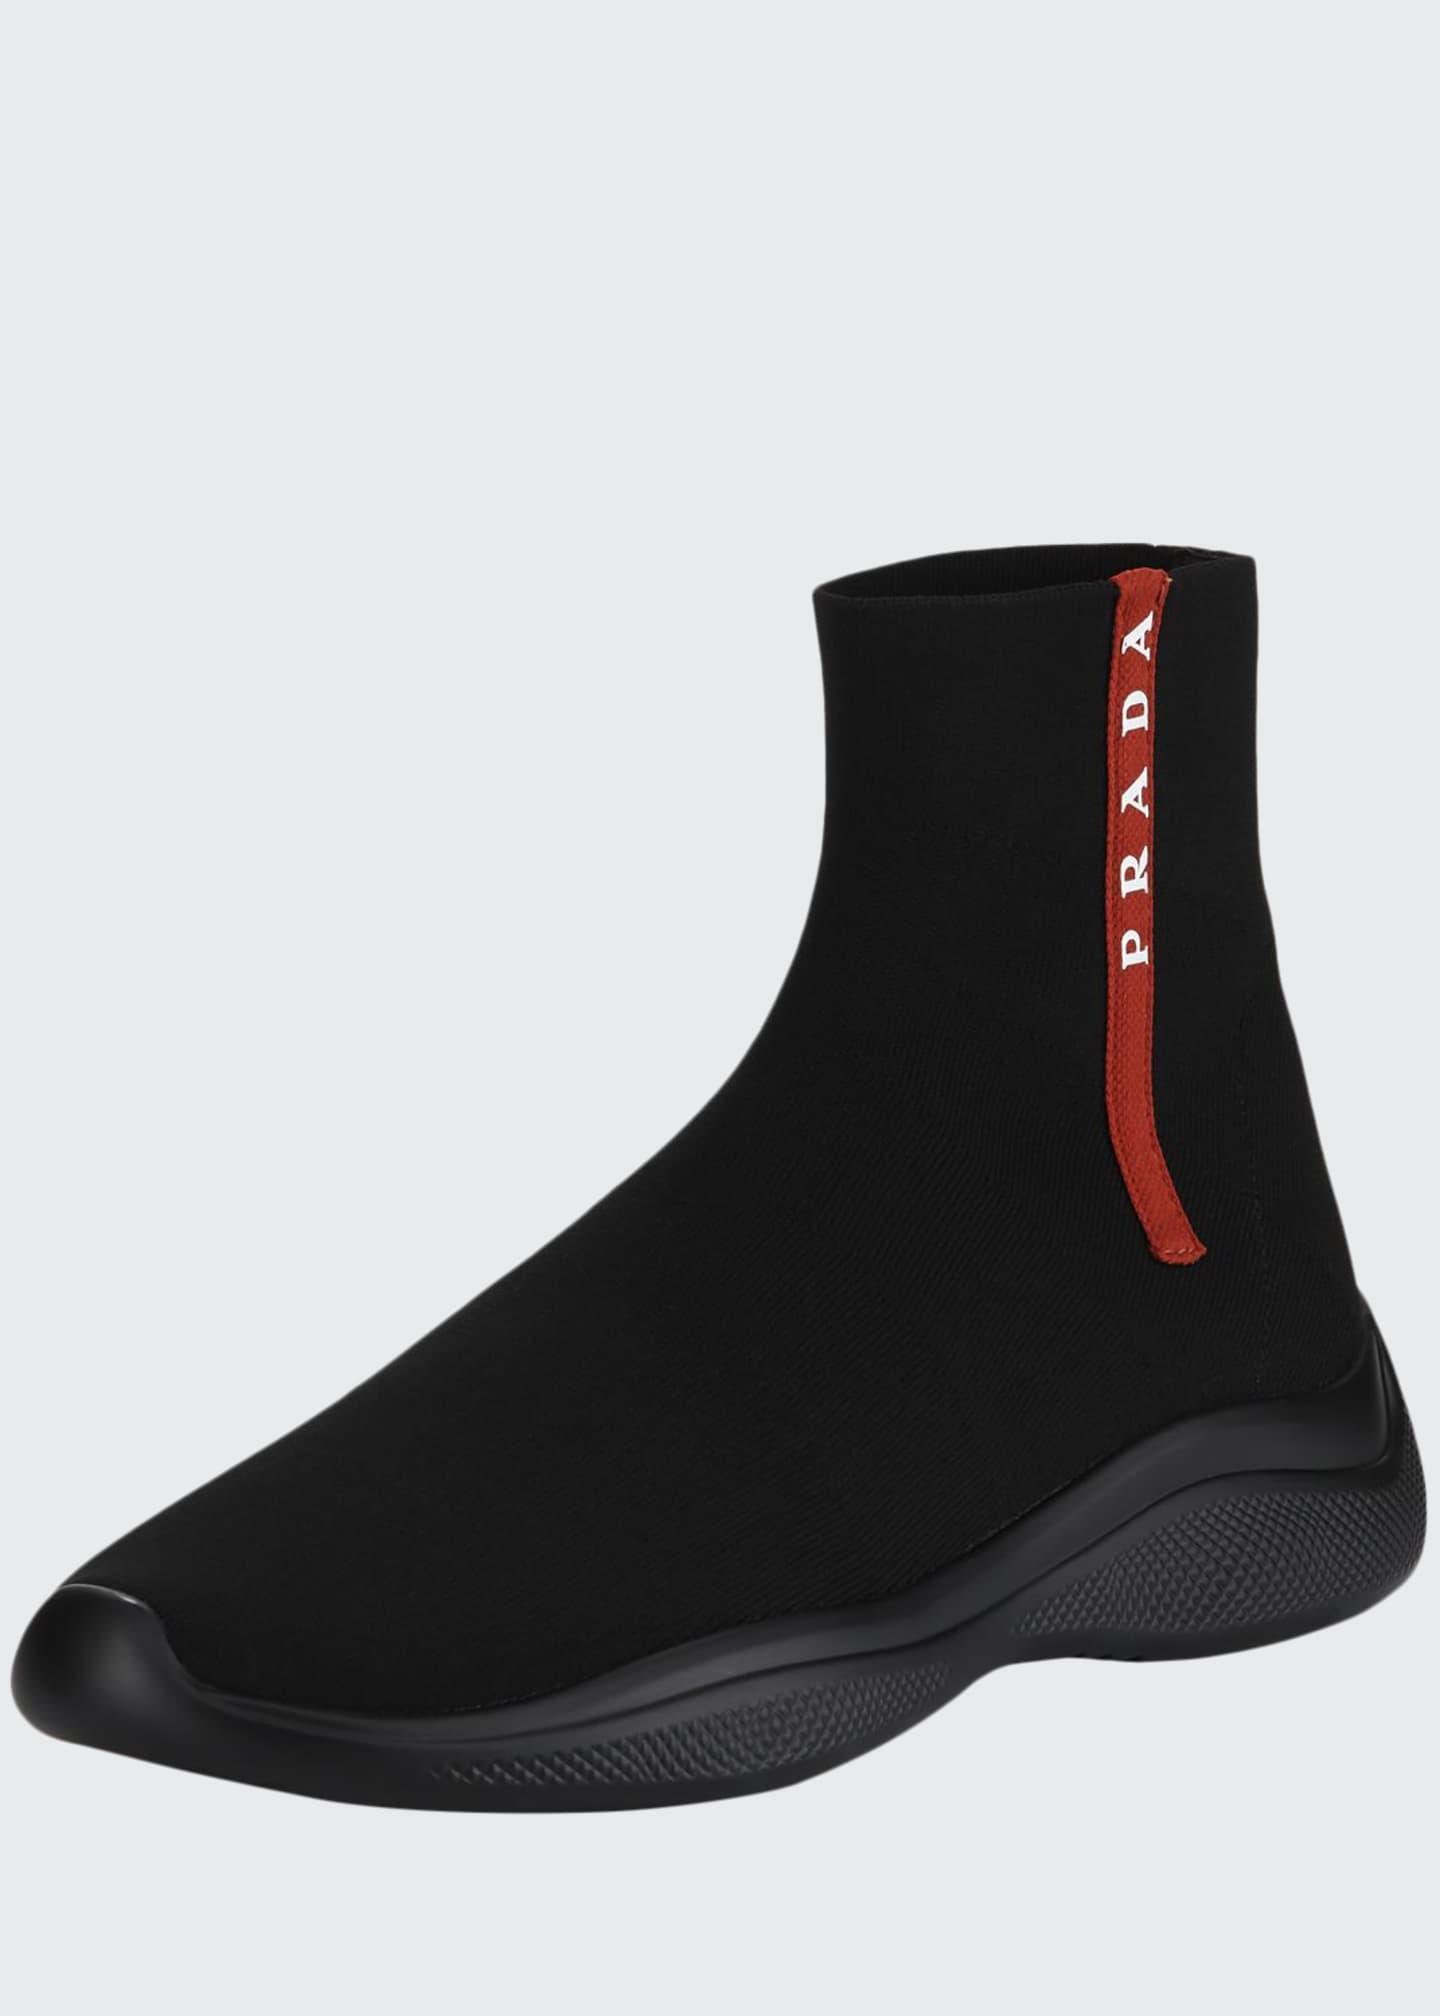 Prada Men's Sock-Boot Sneakers